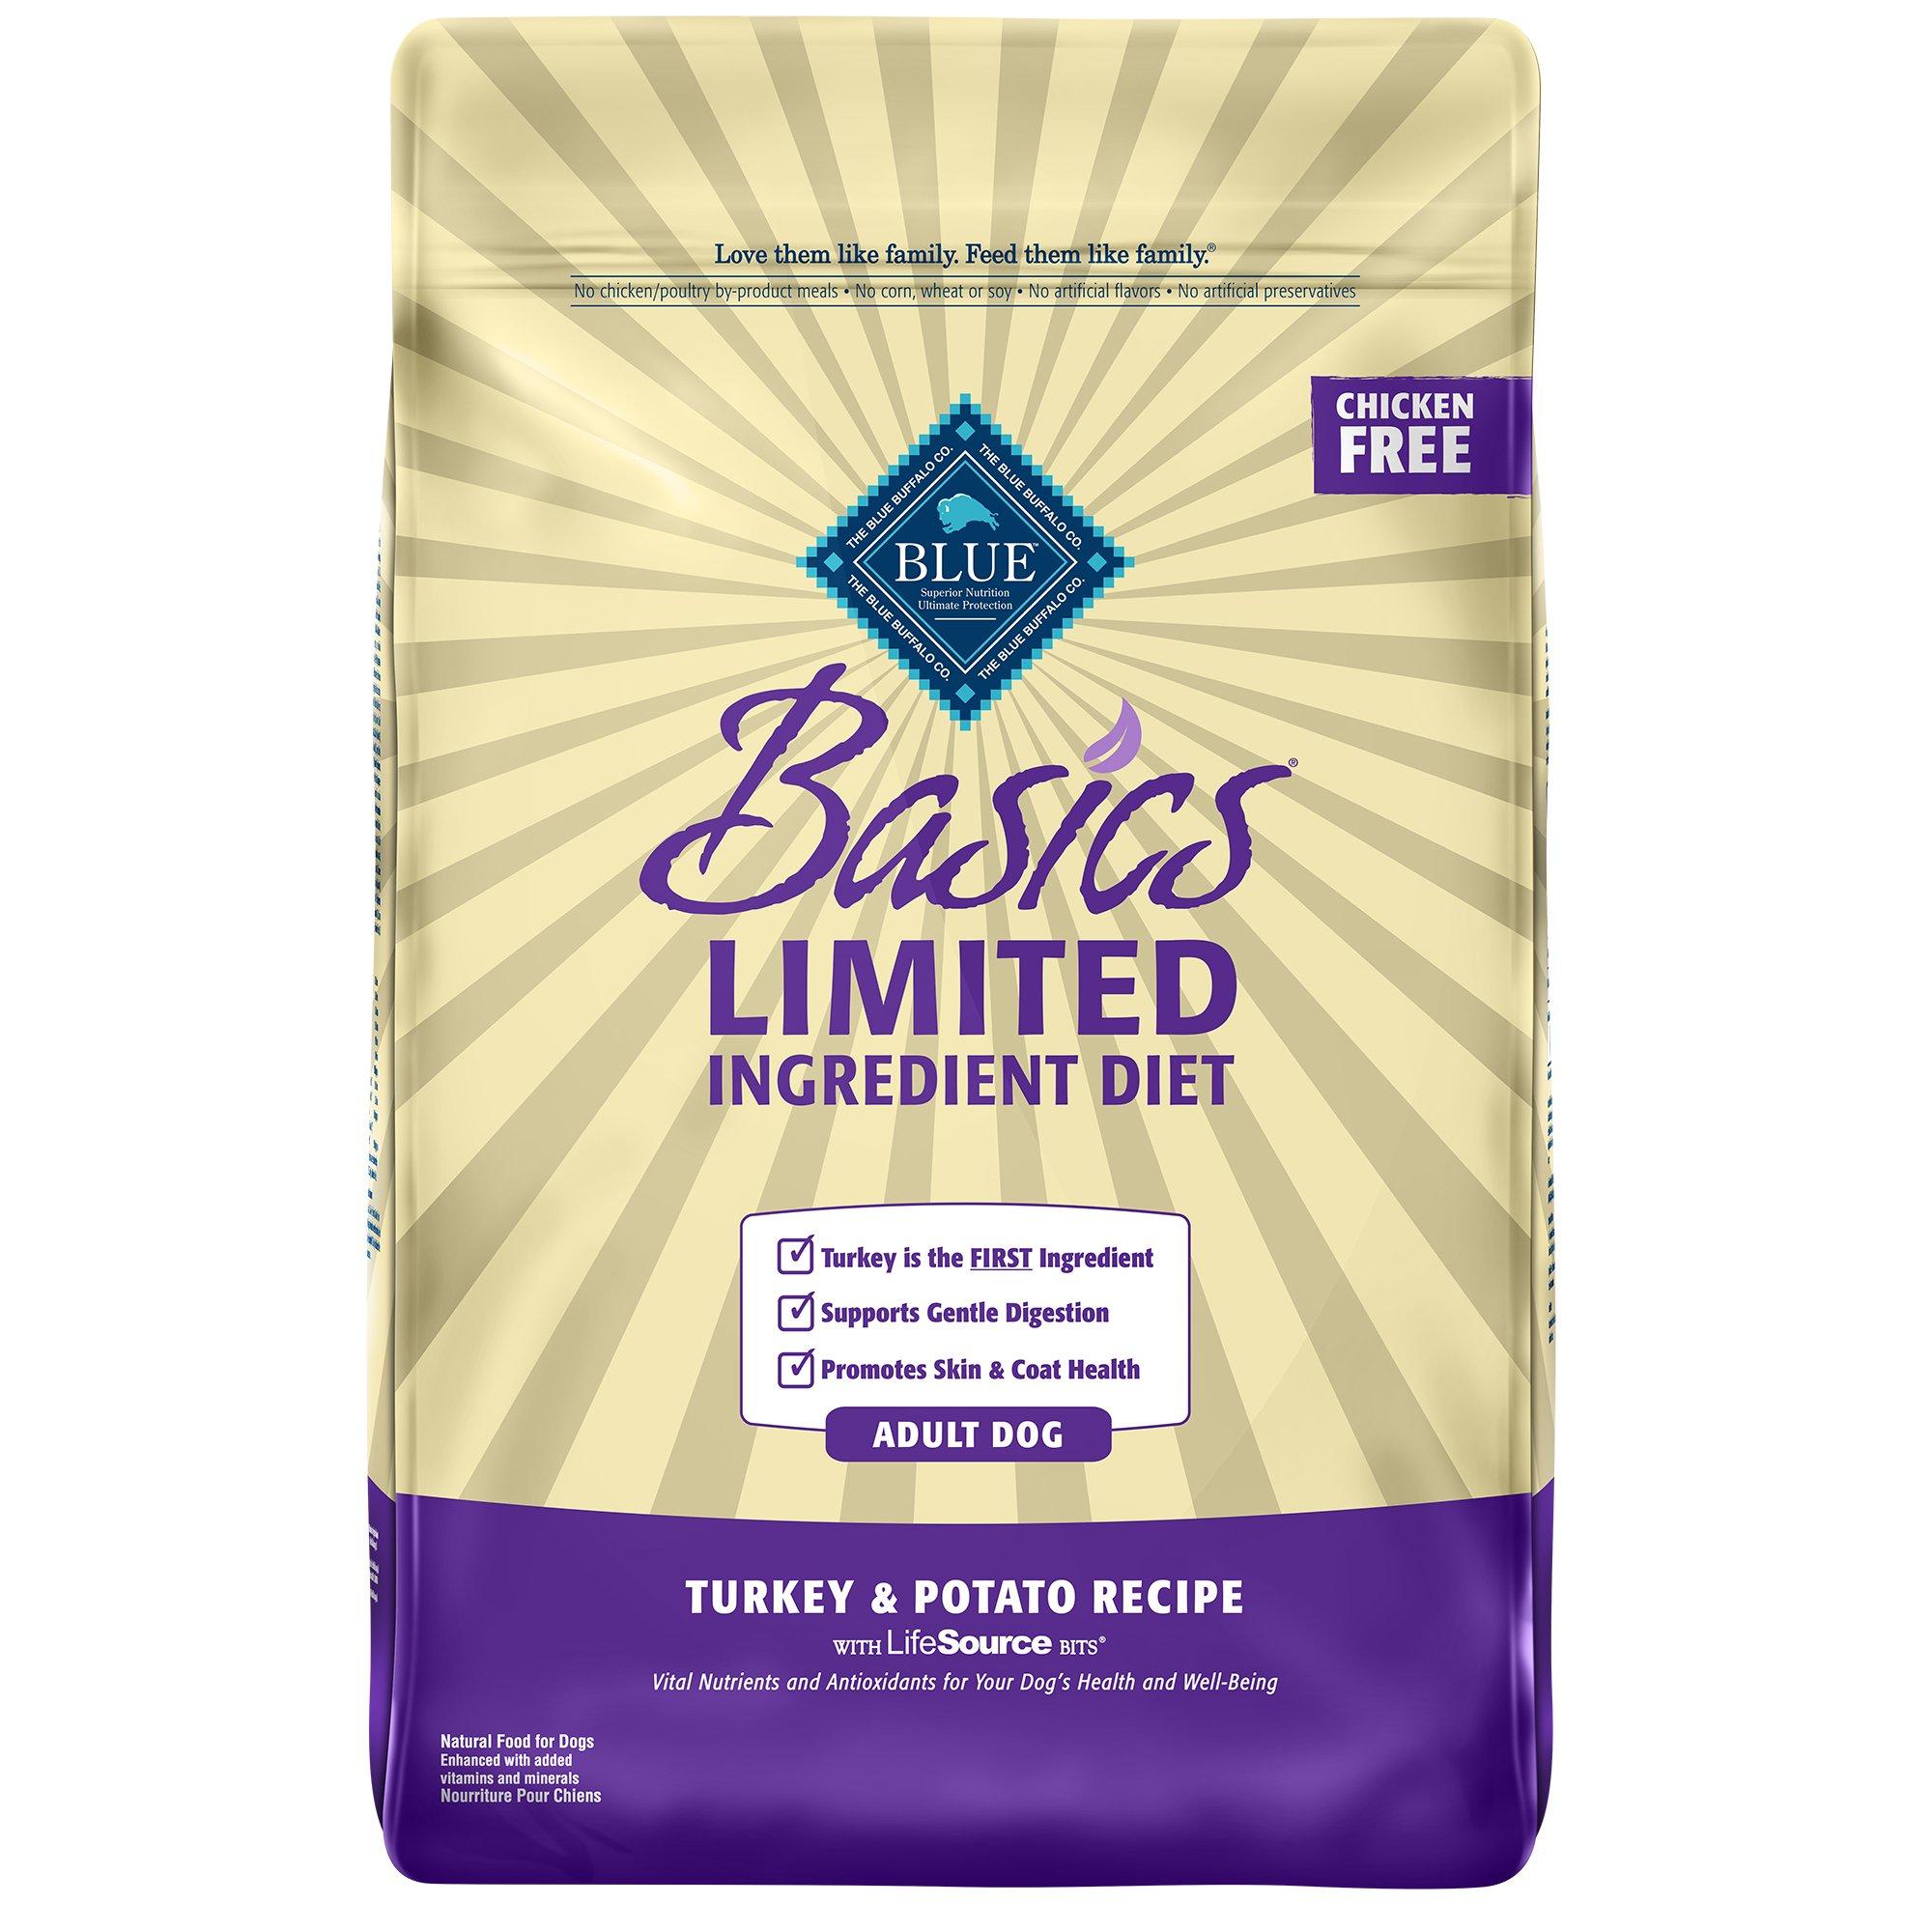 Blue Buffalo Basics Limited Ingredient Formula Turkey & Potato Adult Dry Dog Food